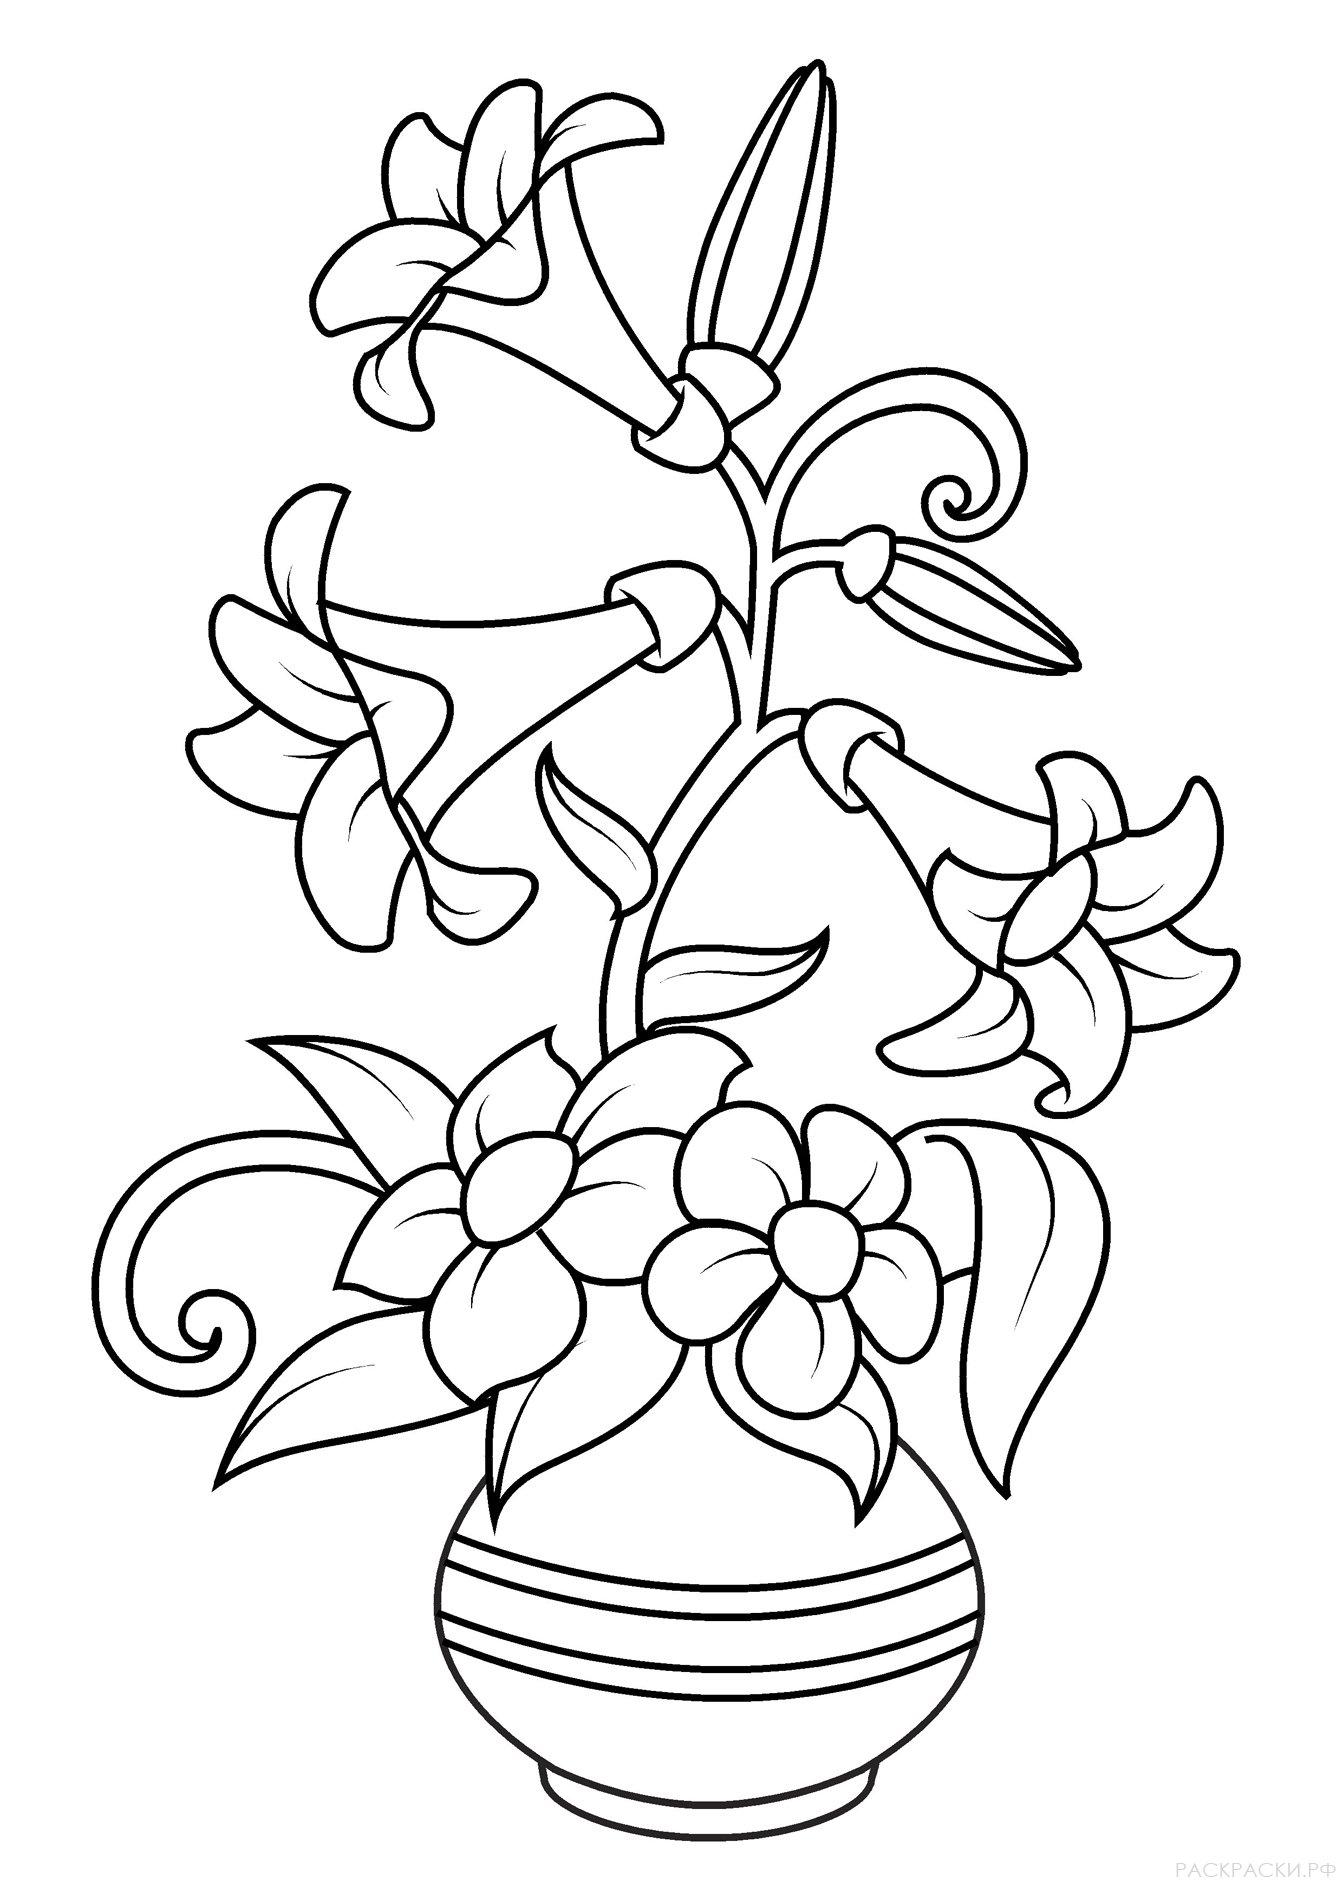 Ваза с цветами раскраска для детей распечатать